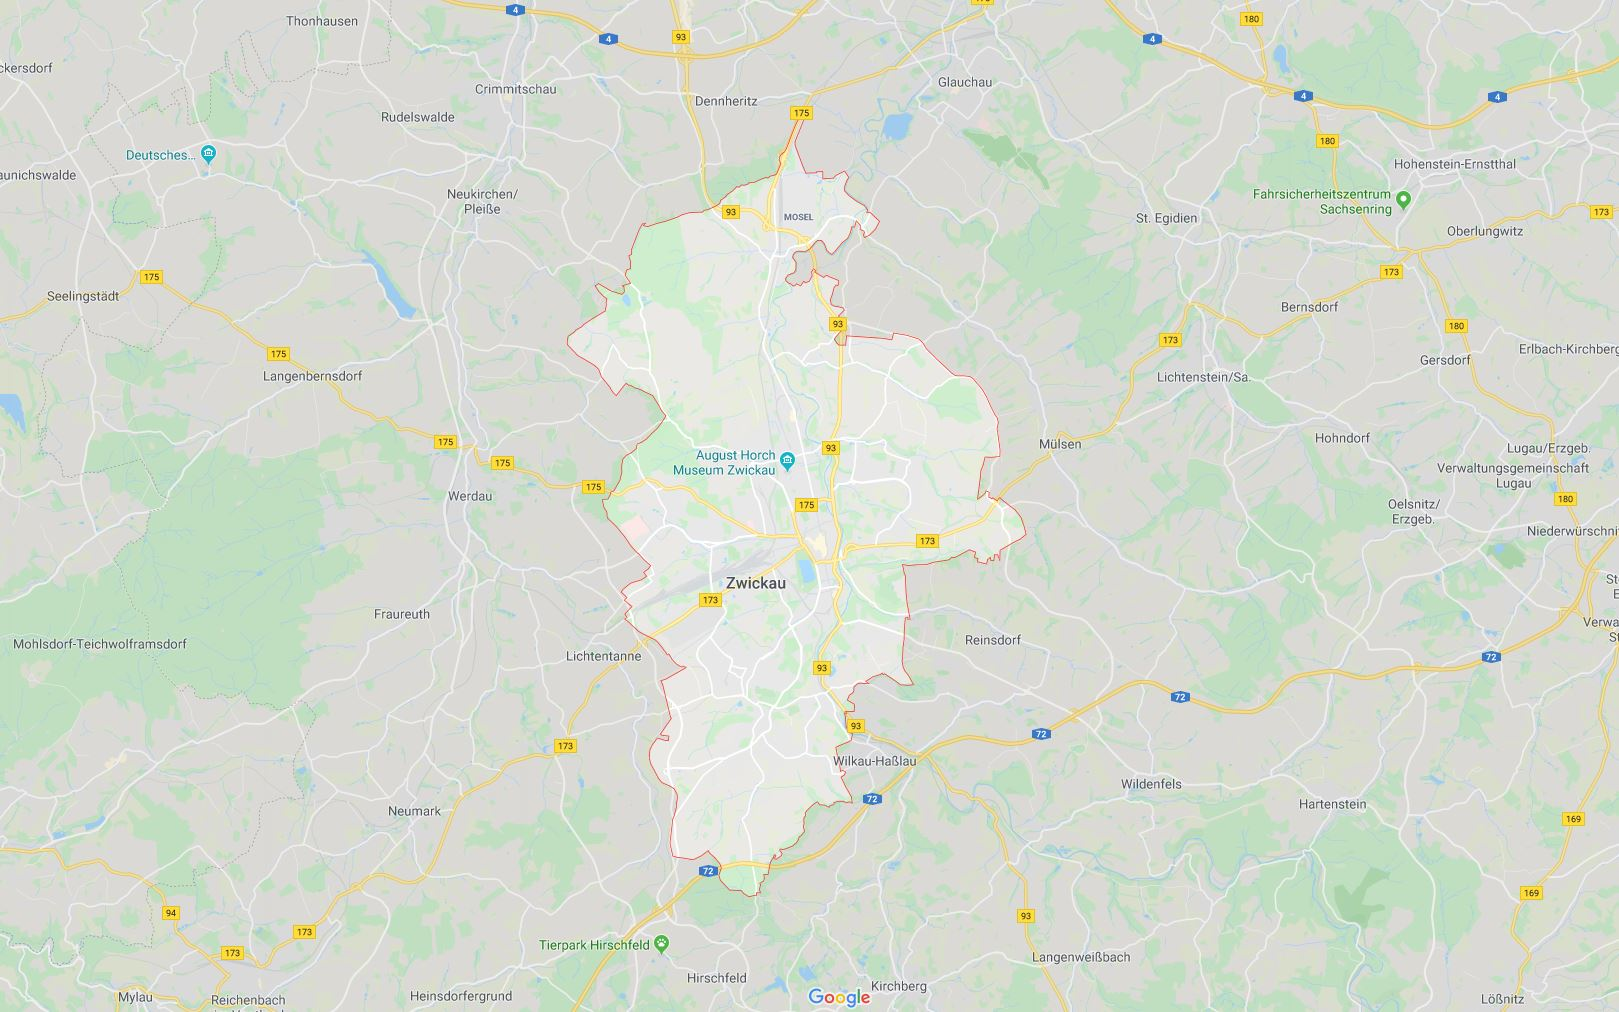 Zwickau városa a mai határaival